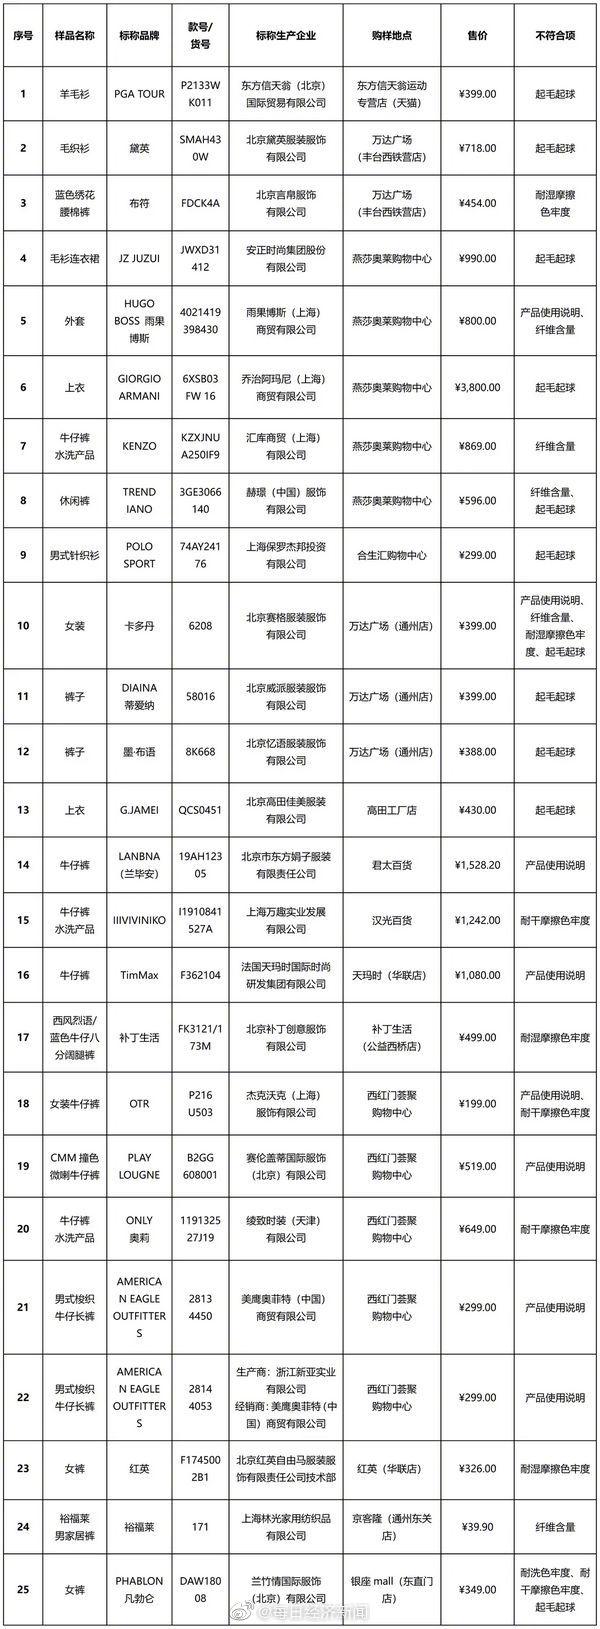 北京消协:买100件衣服25件不达标,阿玛尼、ONLY等上榜